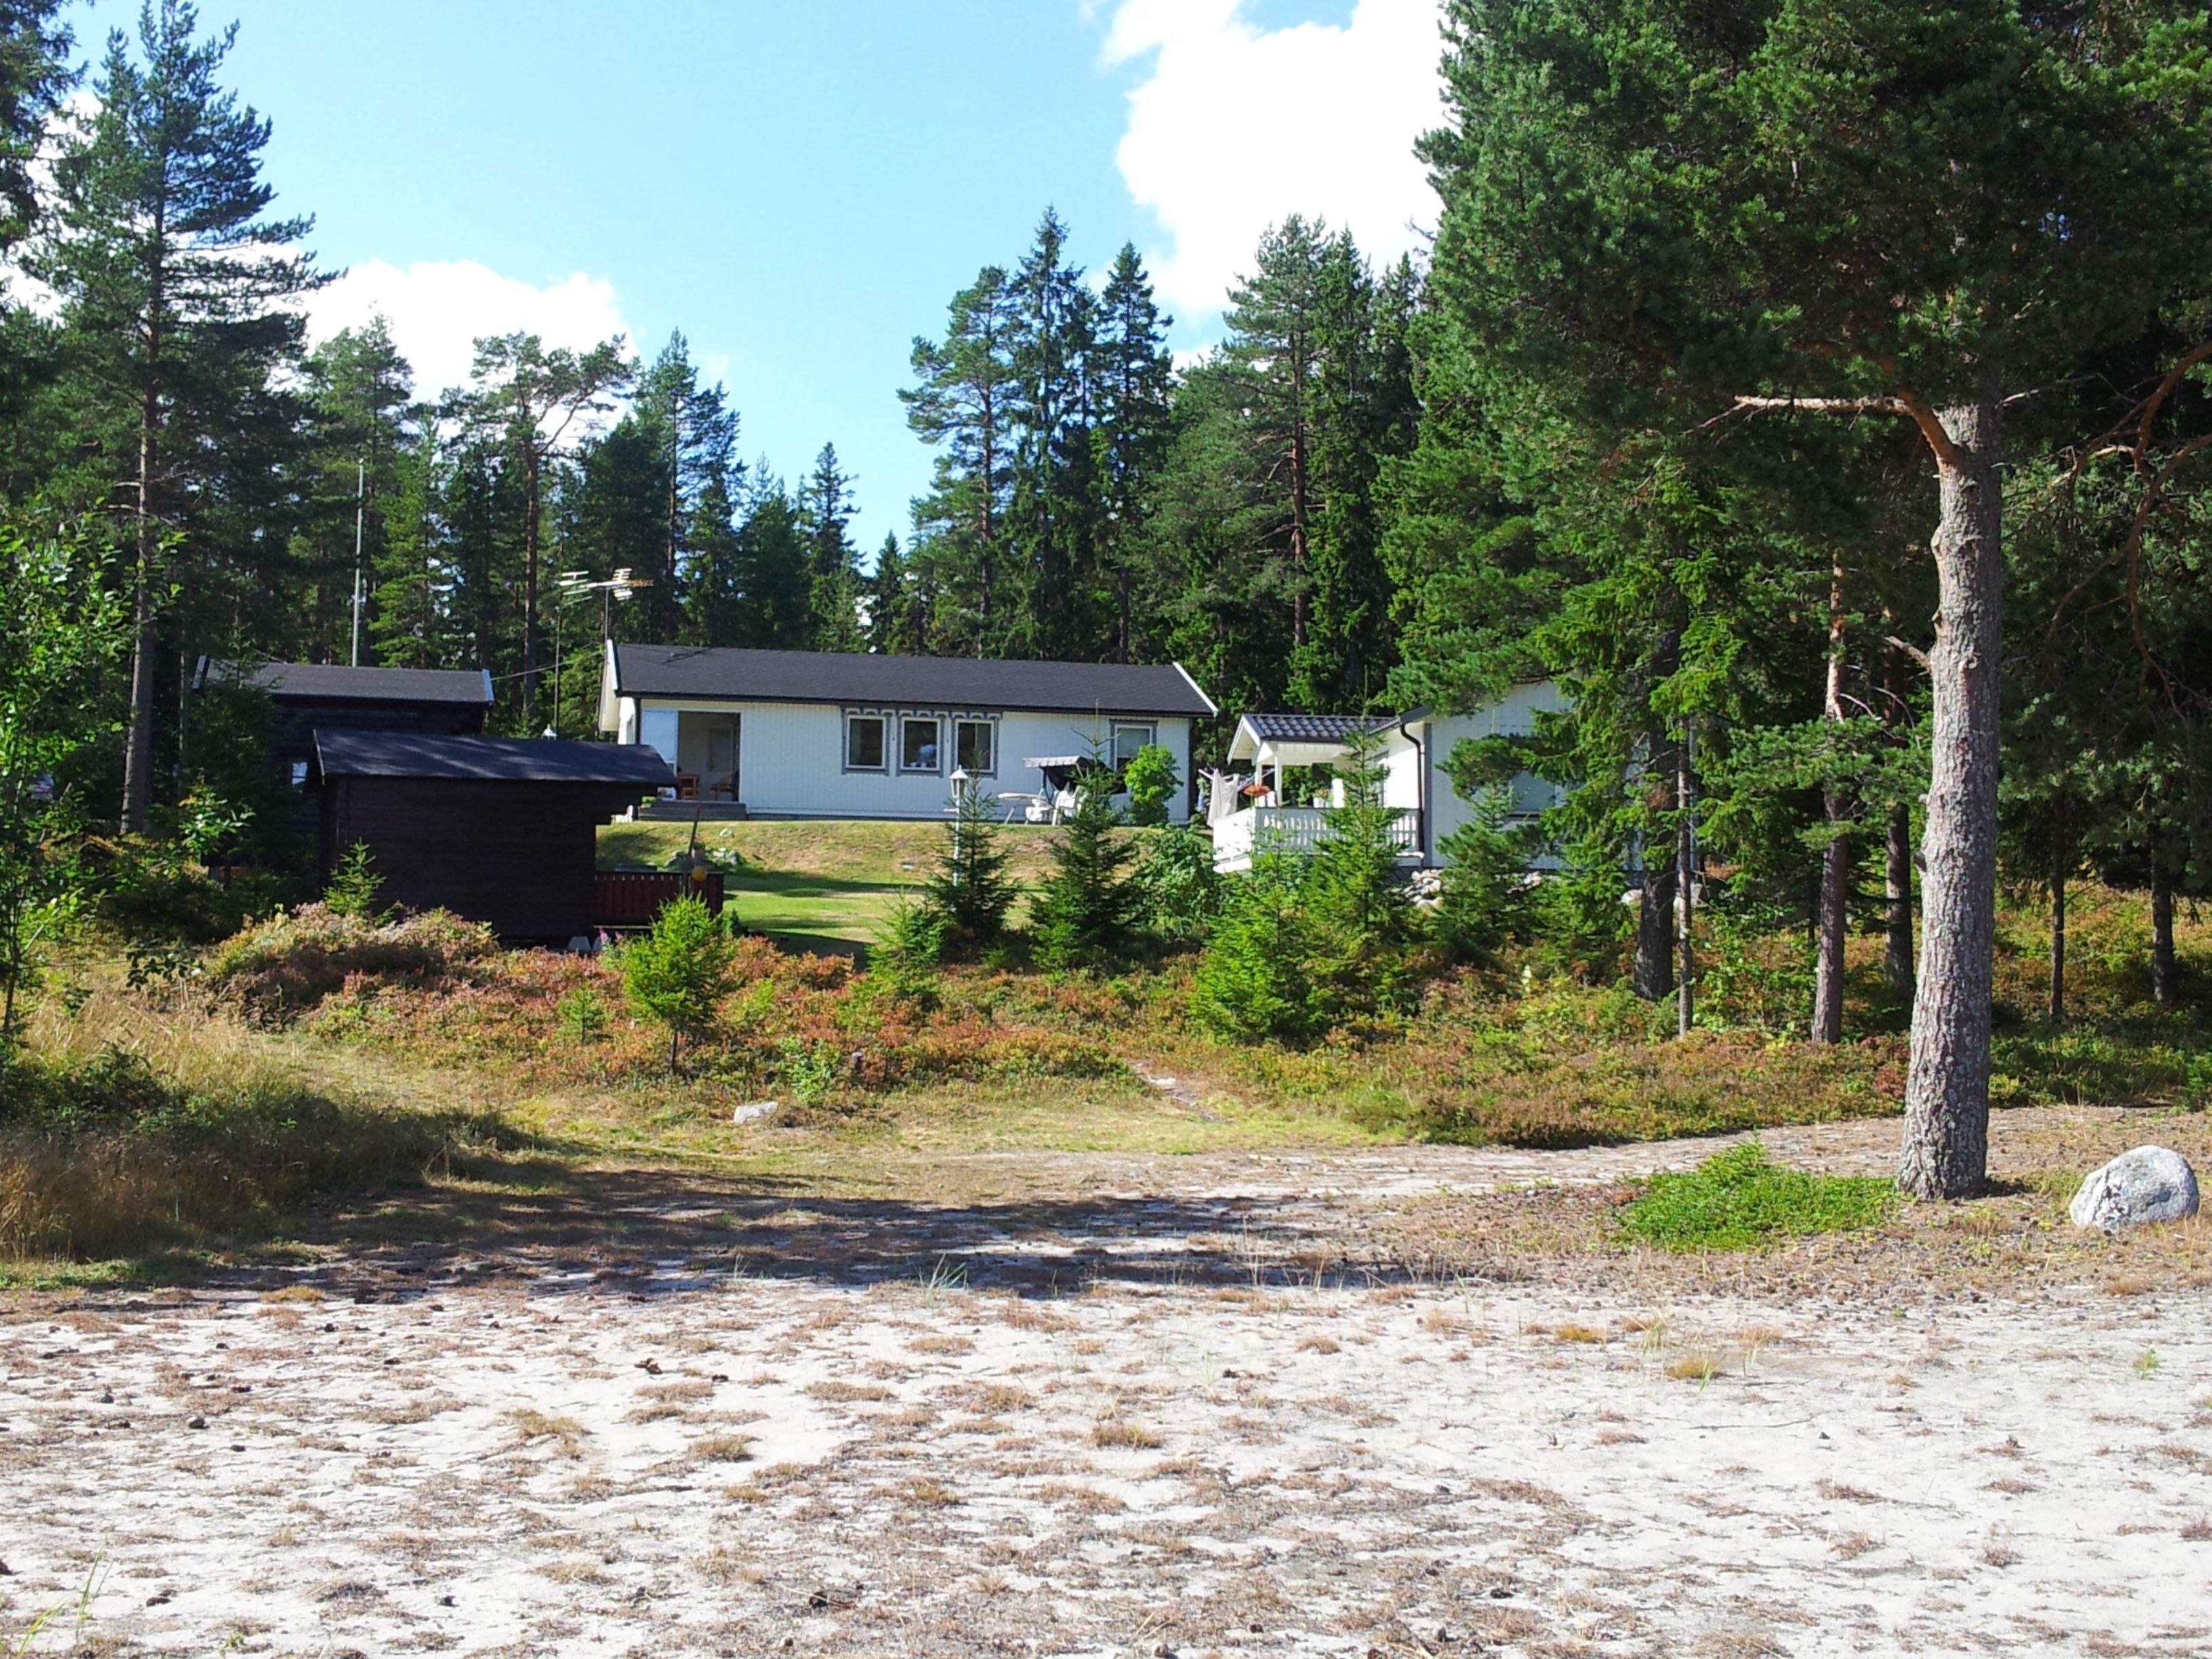 S1302 Gullvik, Örnsköldsvik